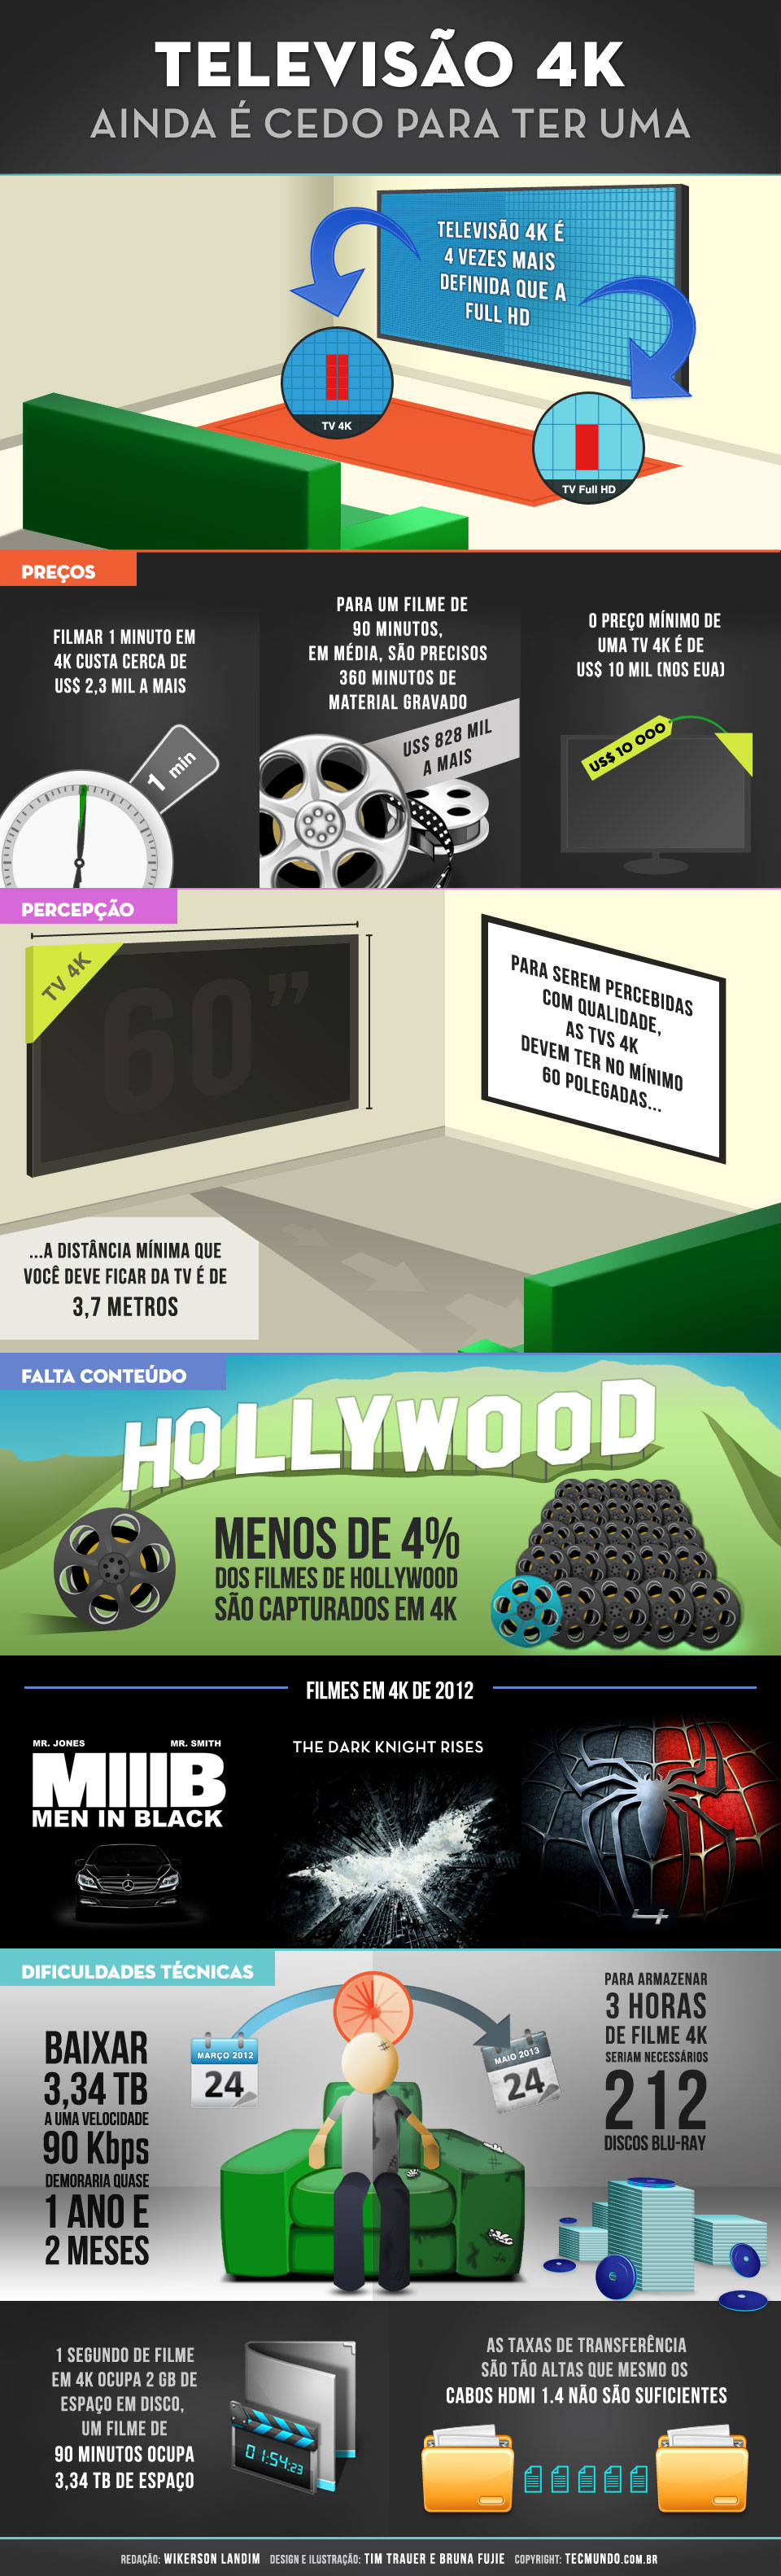 Infográfico - Por que você não vai comprar uma TV 4K tão cedo? [infográfico]